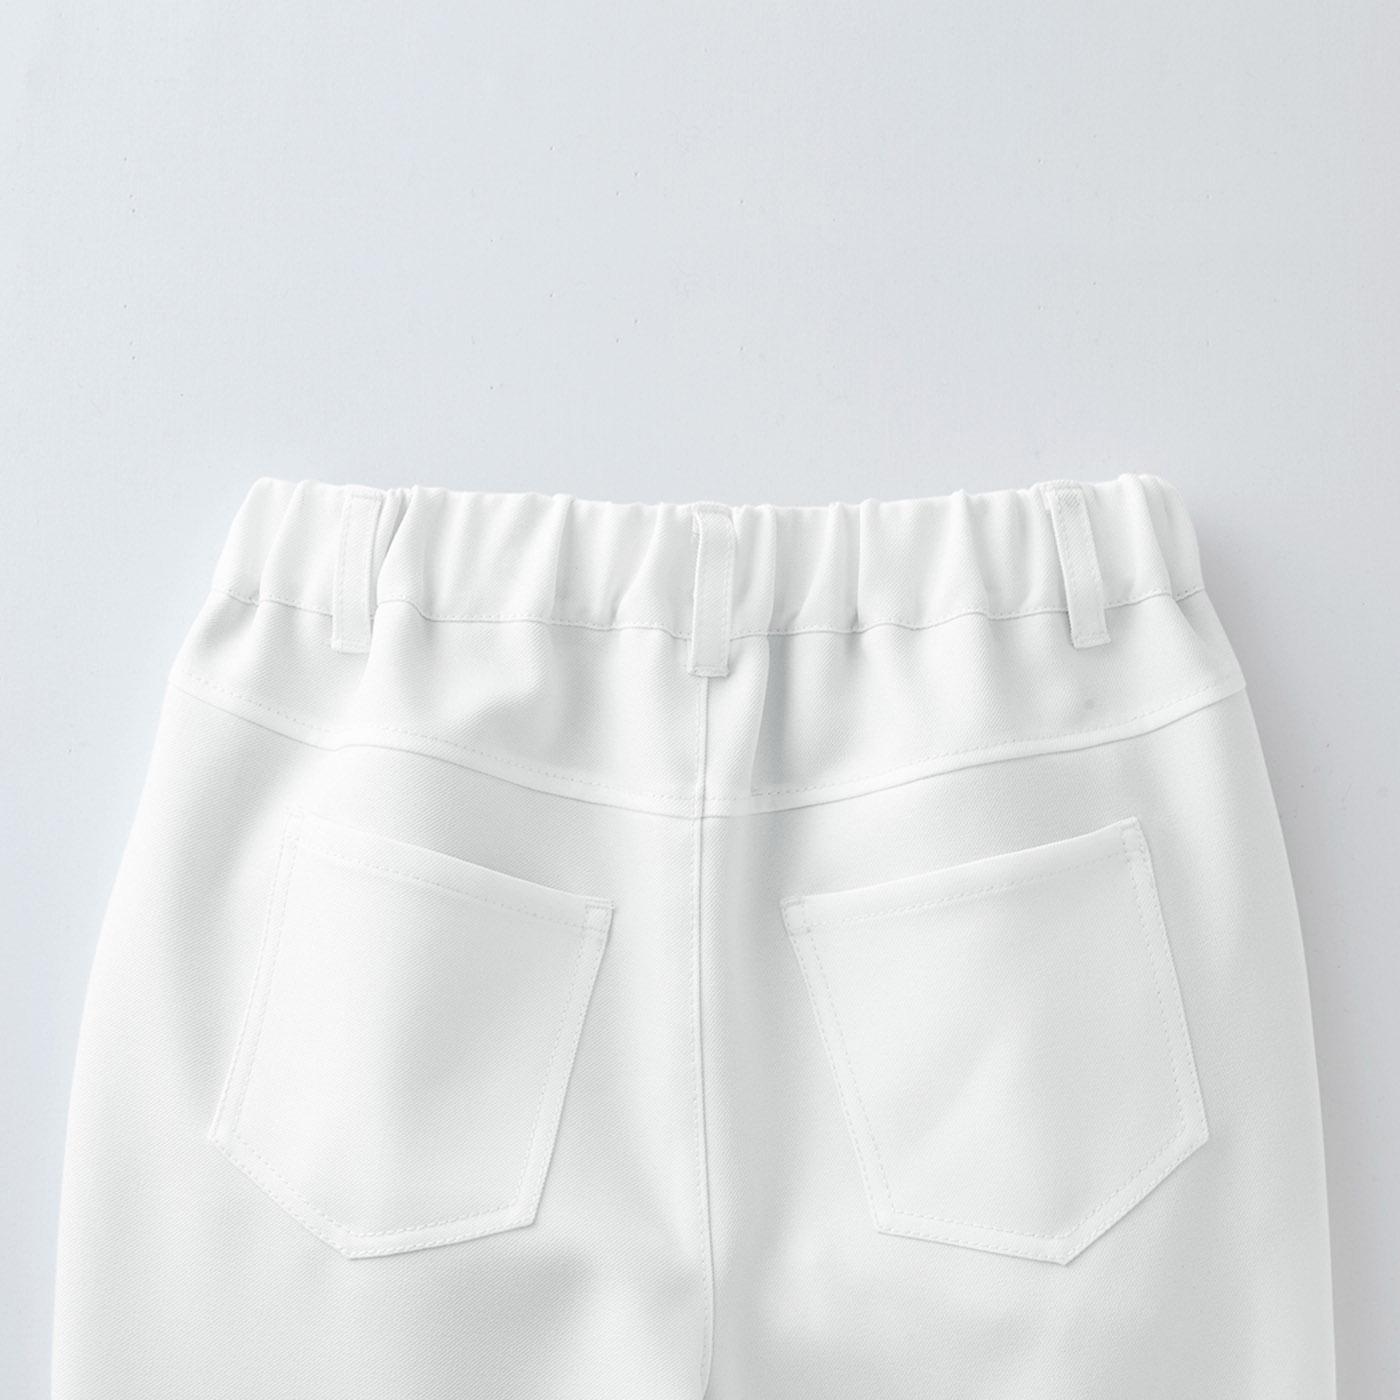 [Back] 上方に付いたヨークと計算されたポケットの角度でヒップアップ見え。